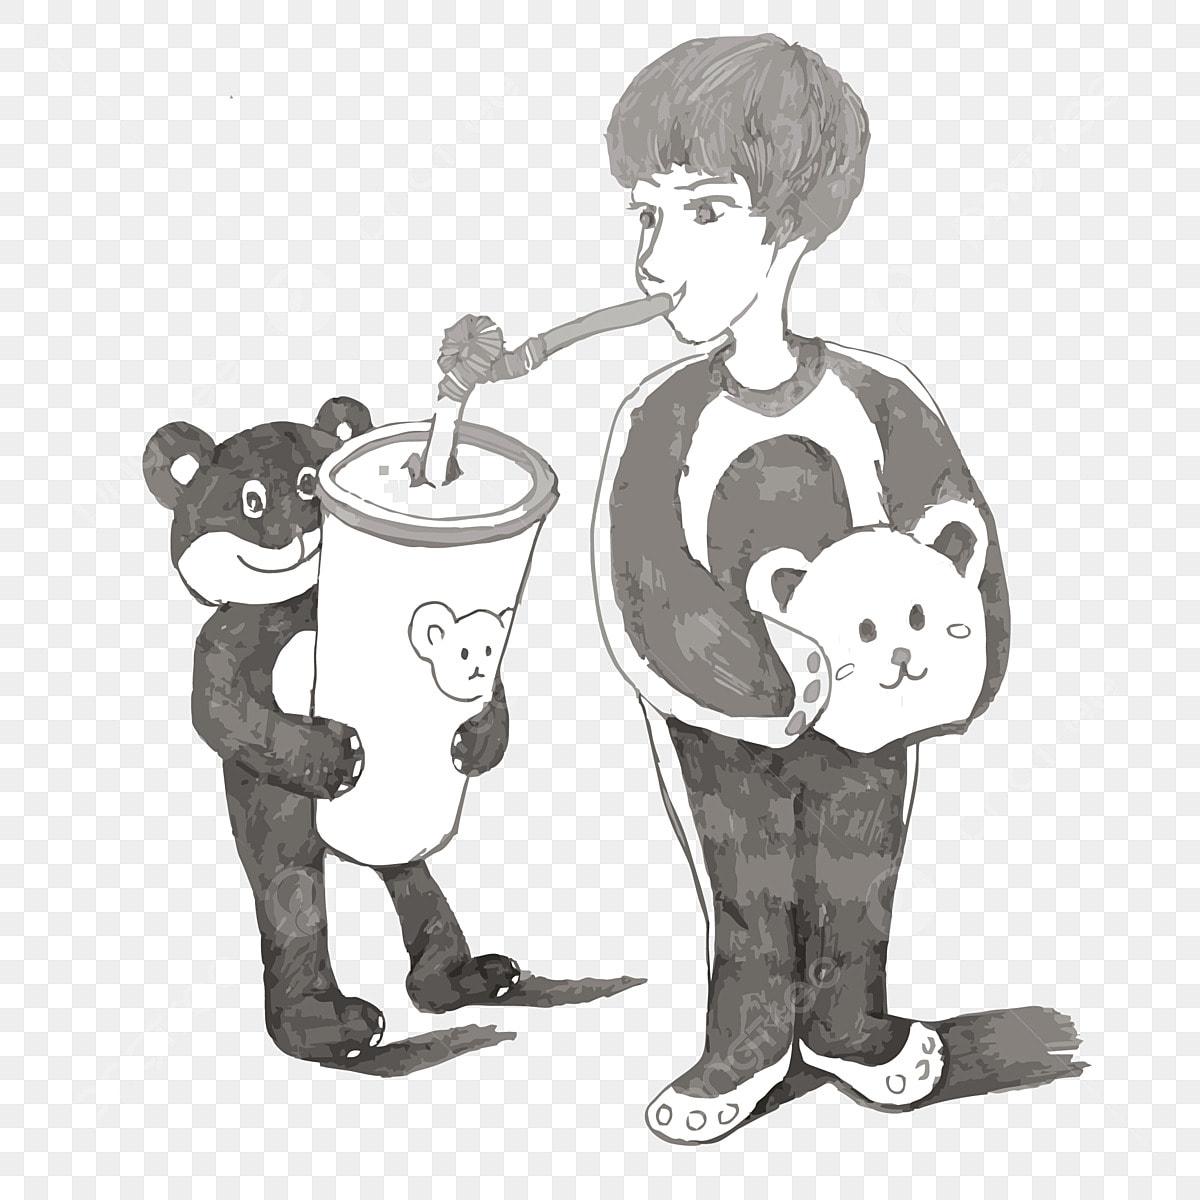 Mao Dos Desenhos Animados Desenhada Verao Bonequinha De Urso